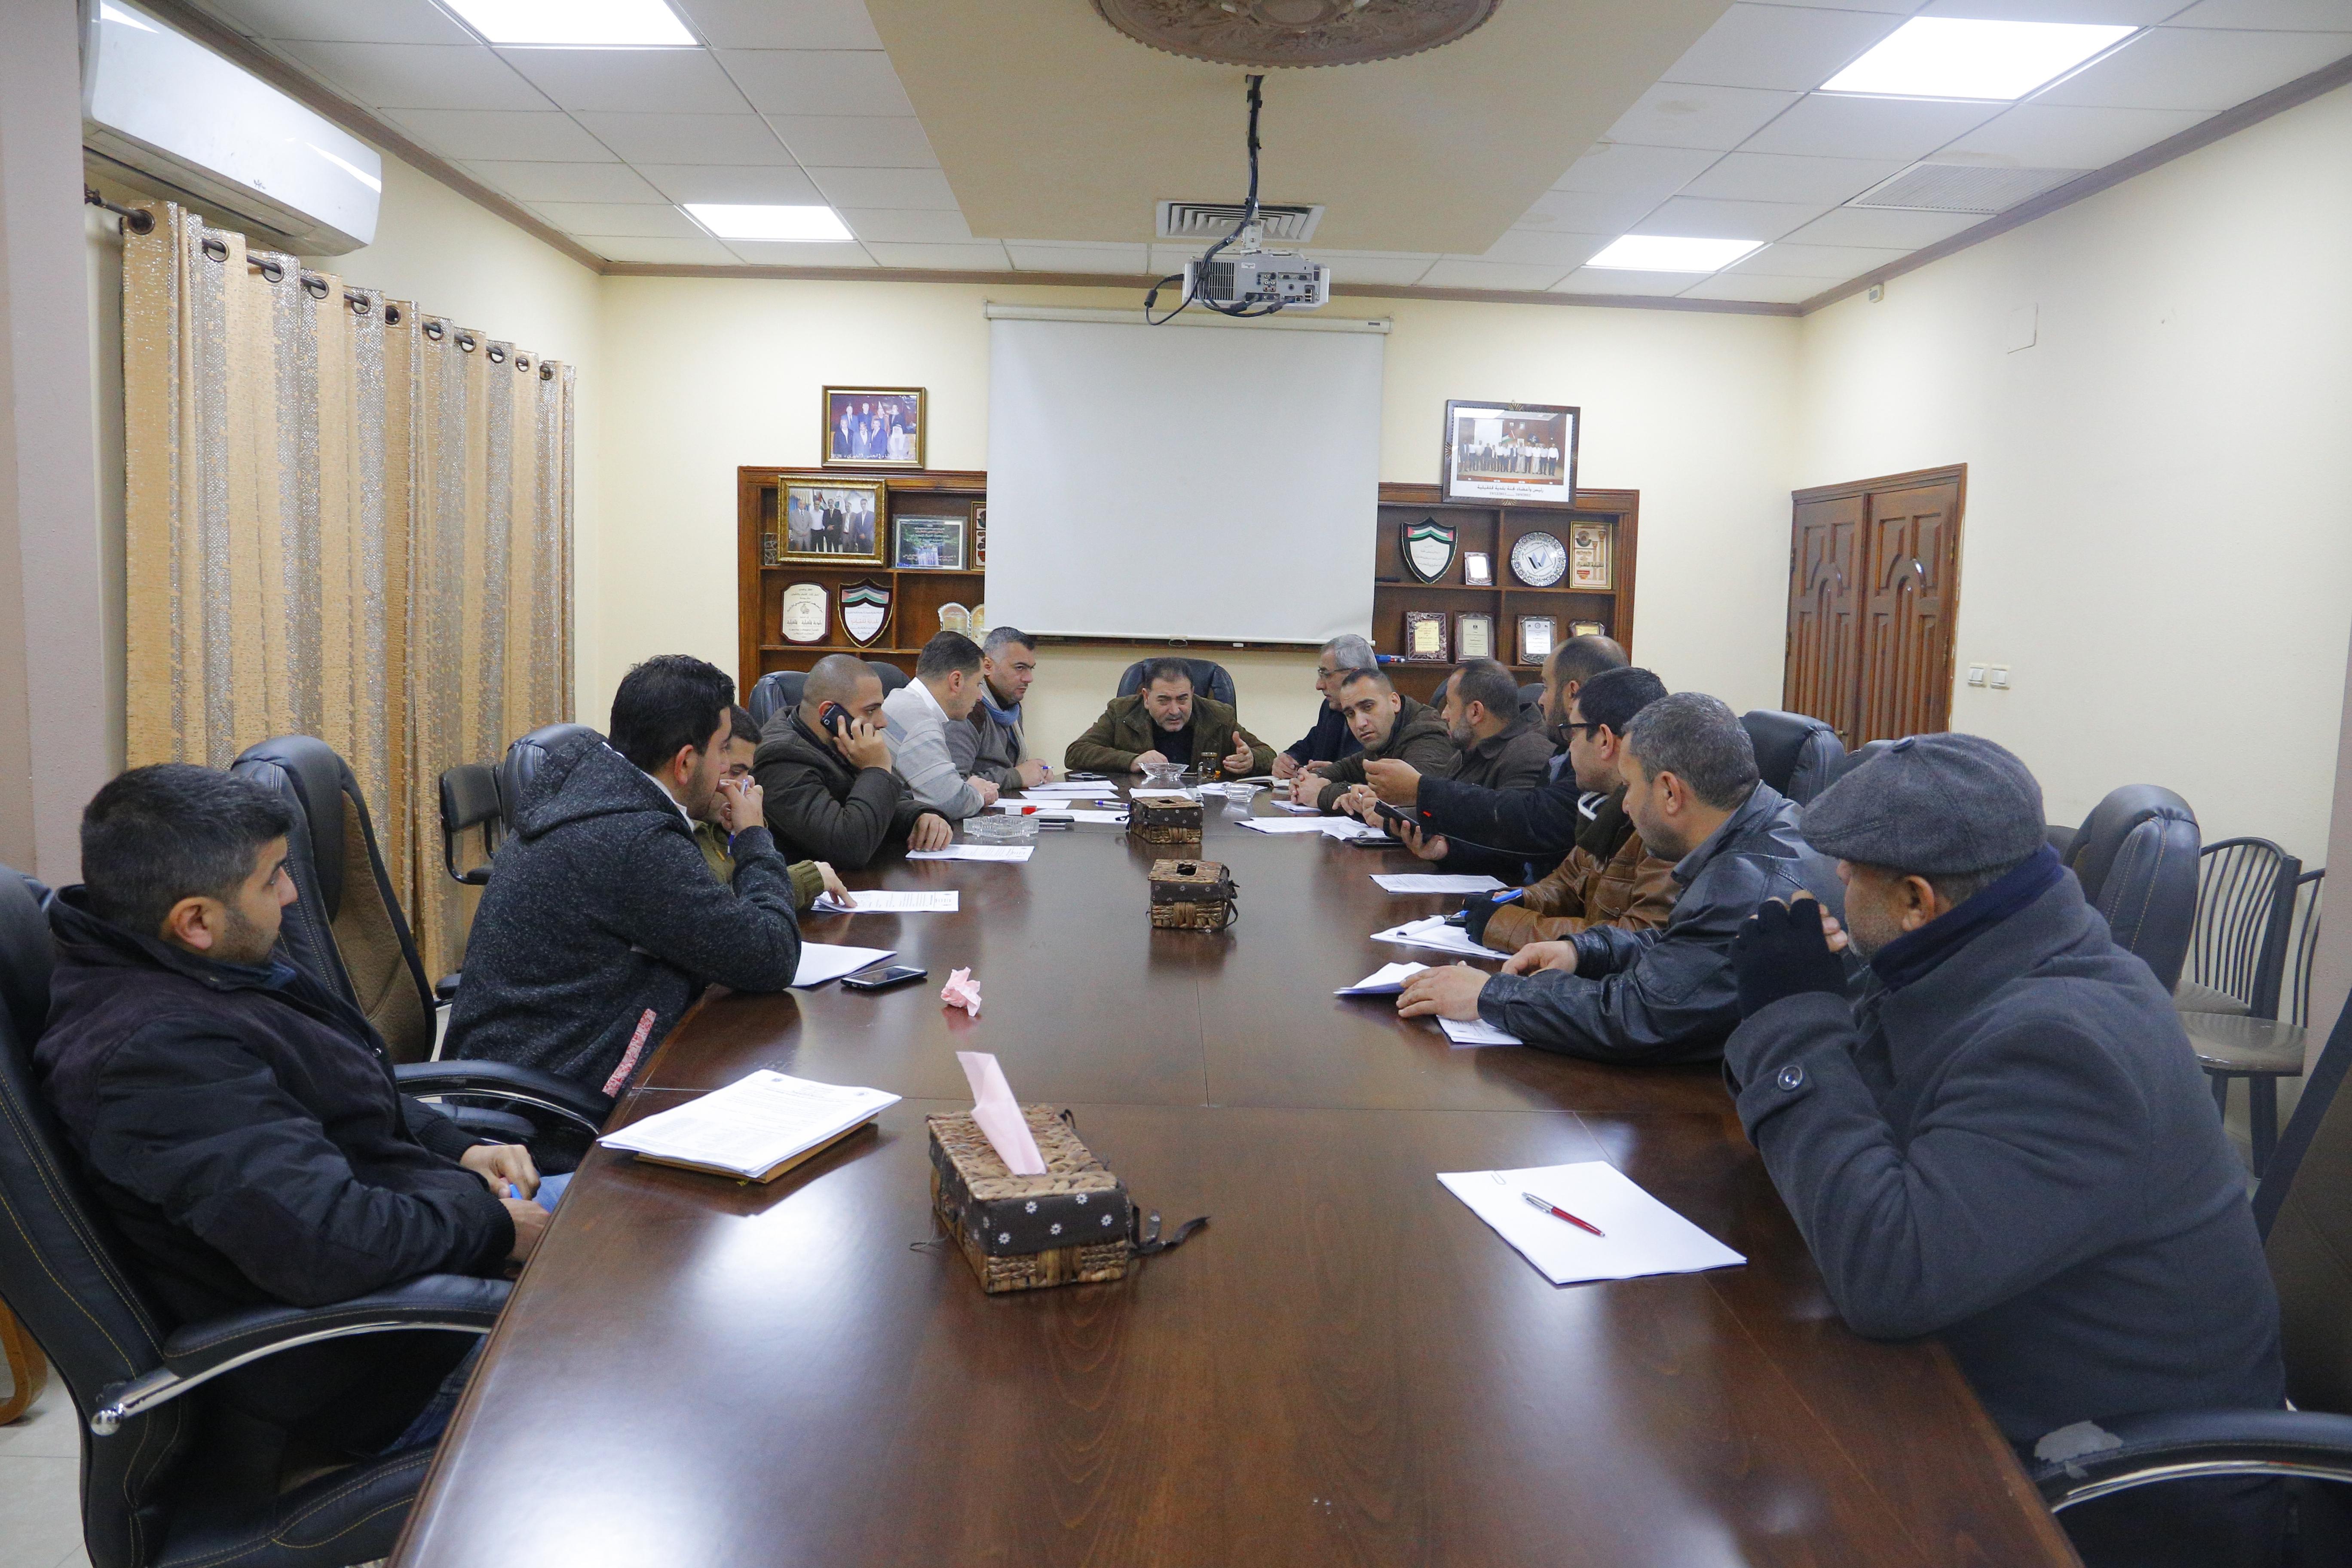 رئيس البلدية يجتمع بلجنة الطوارىء في البلدية